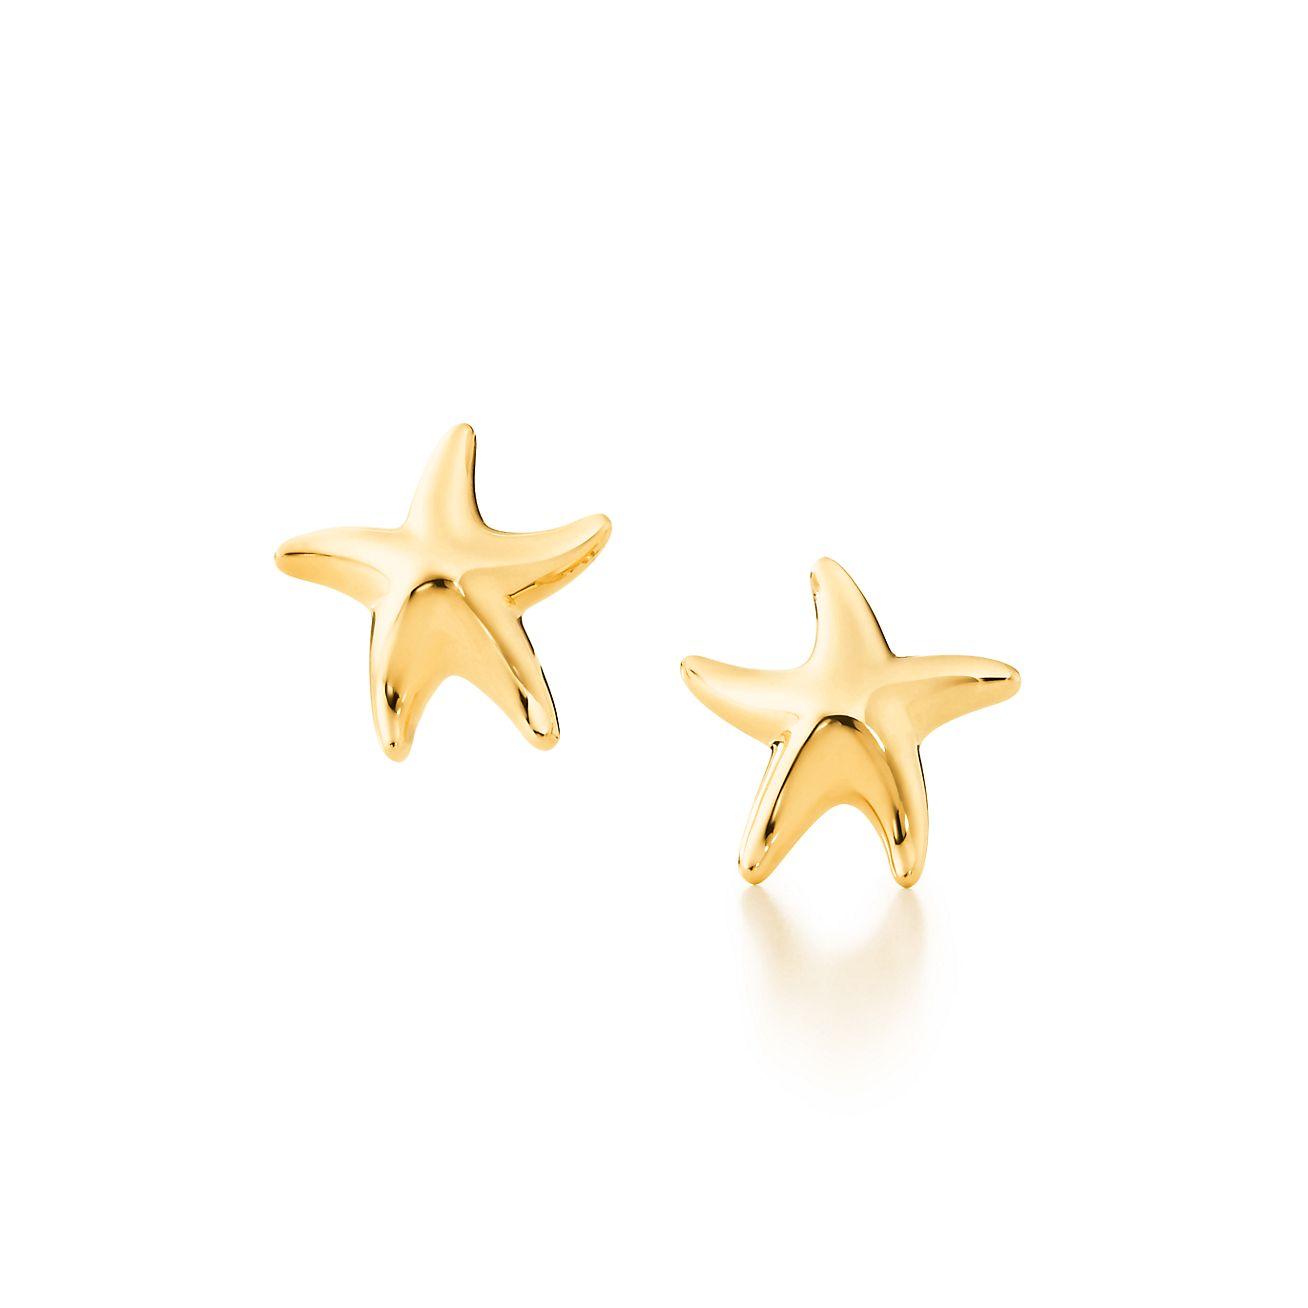 Elsa Peretti Starfish Earrings